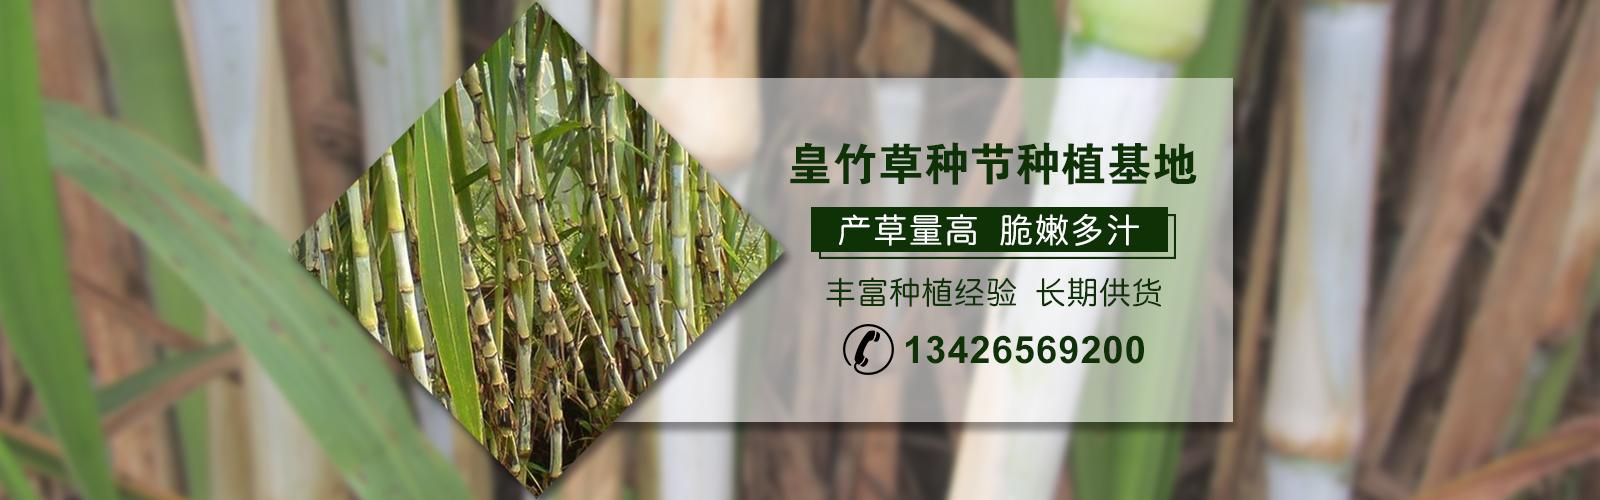 江西皇竹草